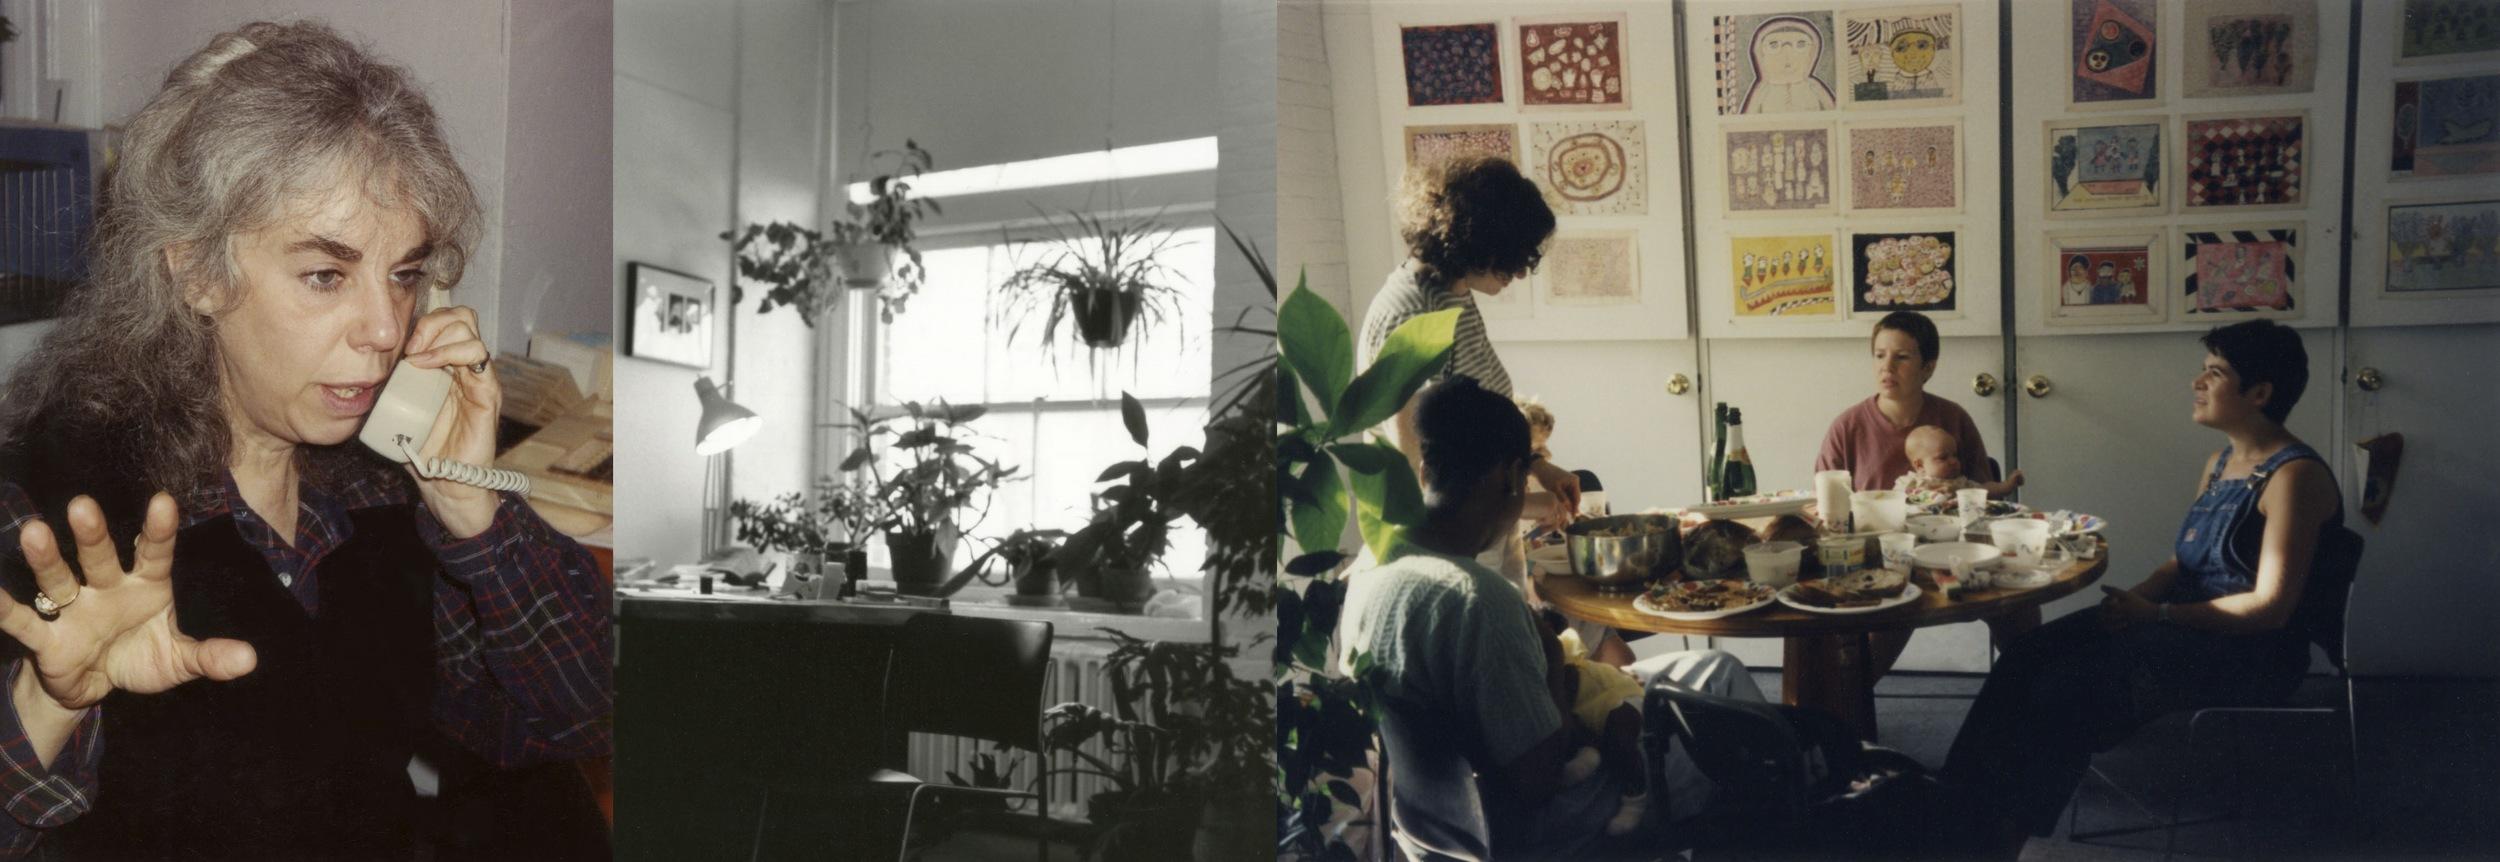 Art and Design Education office,Pratt Institute.